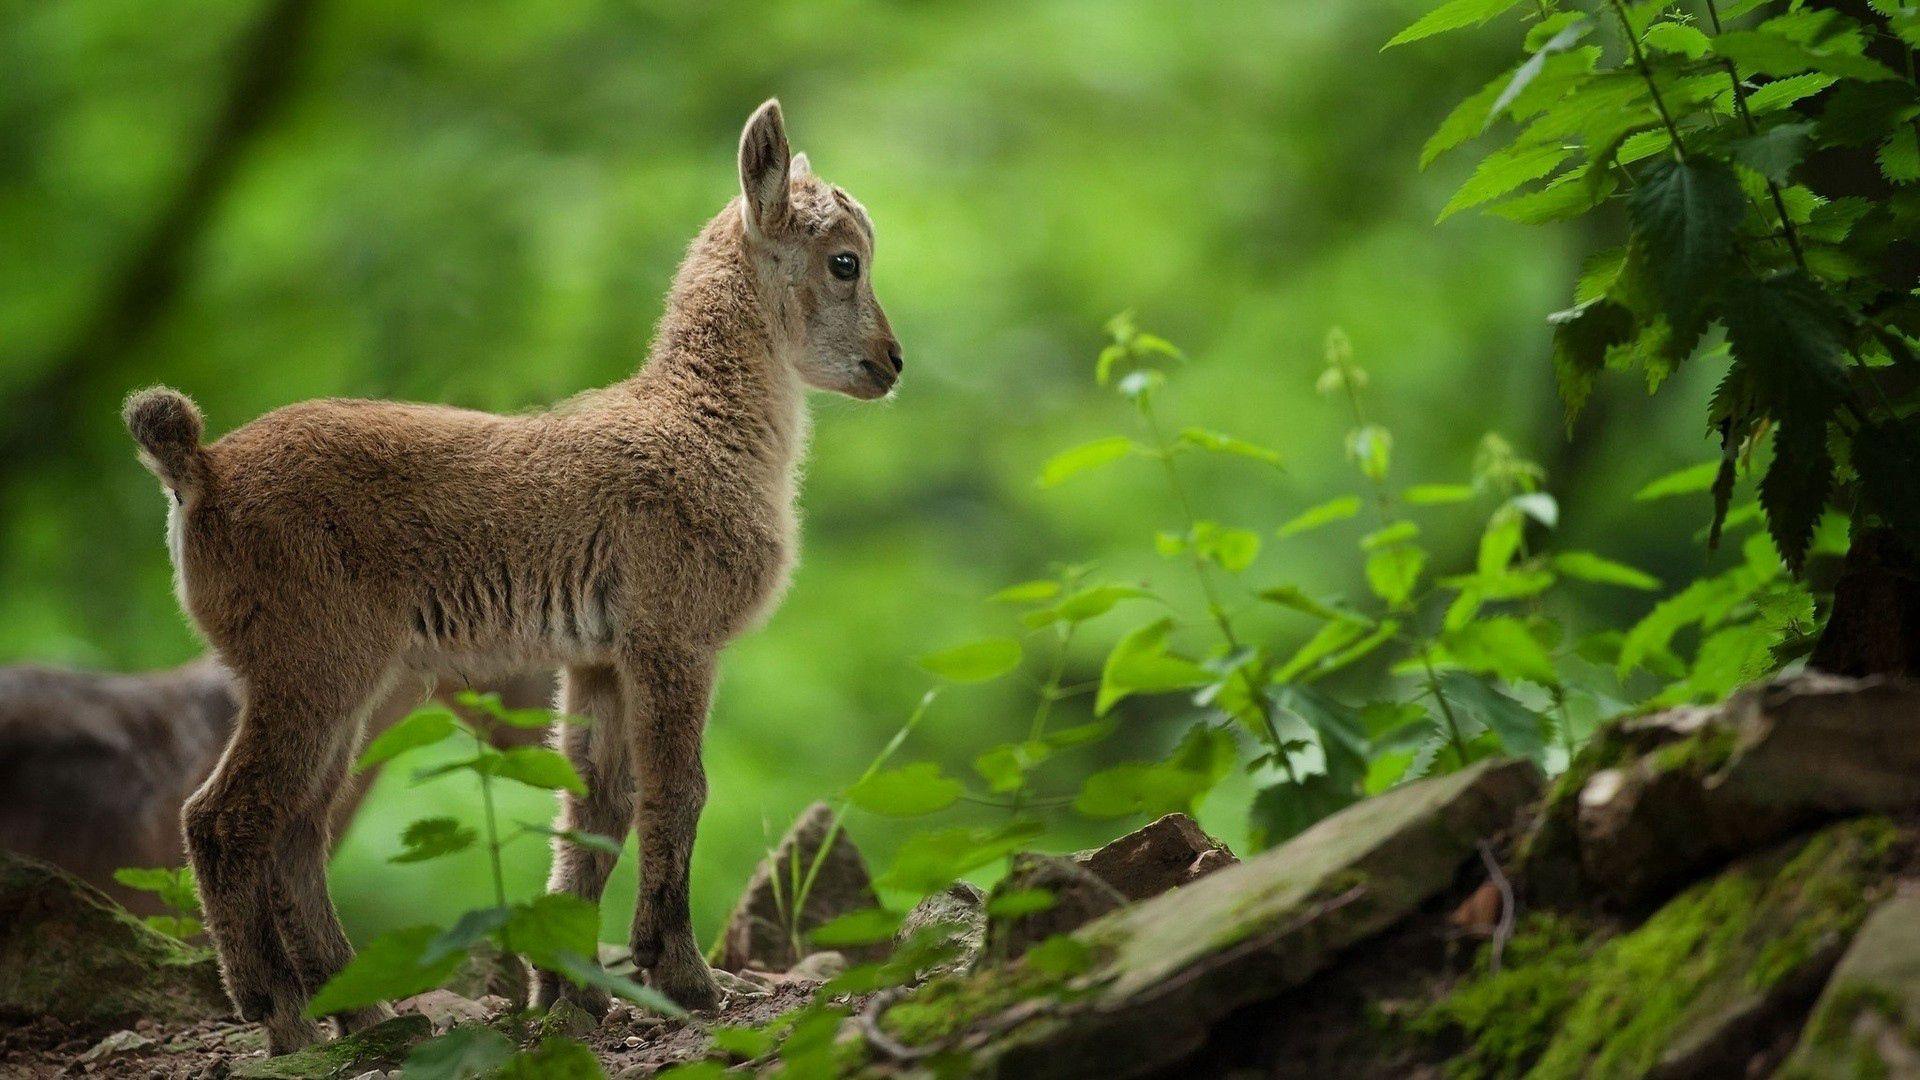 117716 Hintergrundbild herunterladen Tiere, Grass, Junge, Kind, Joey - Bildschirmschoner und Bilder kostenlos